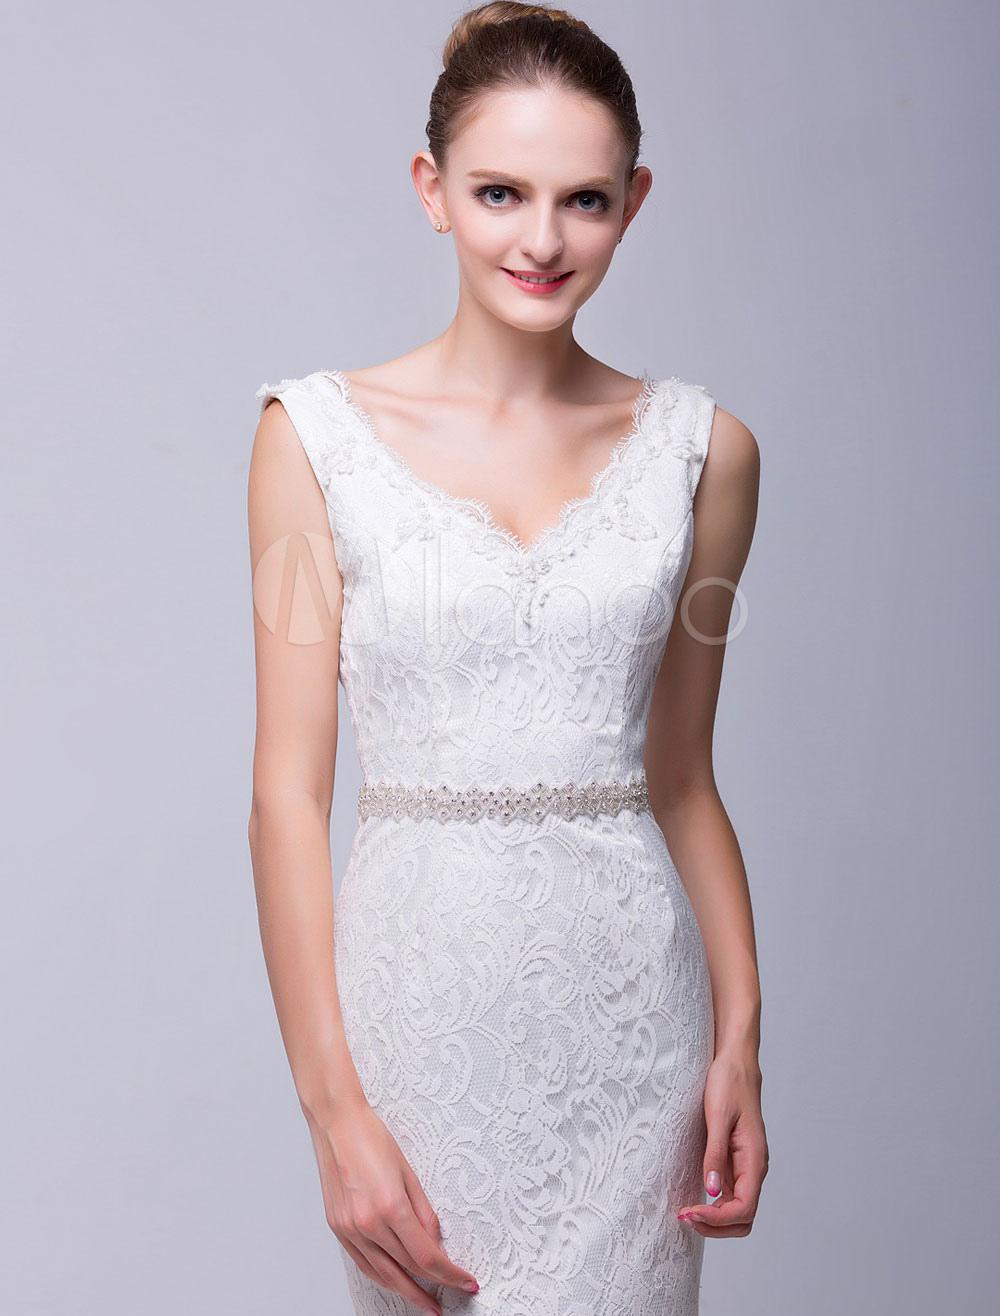 Kleider g rtel gro handel kleider g rtel online - Kleider milanoo ...